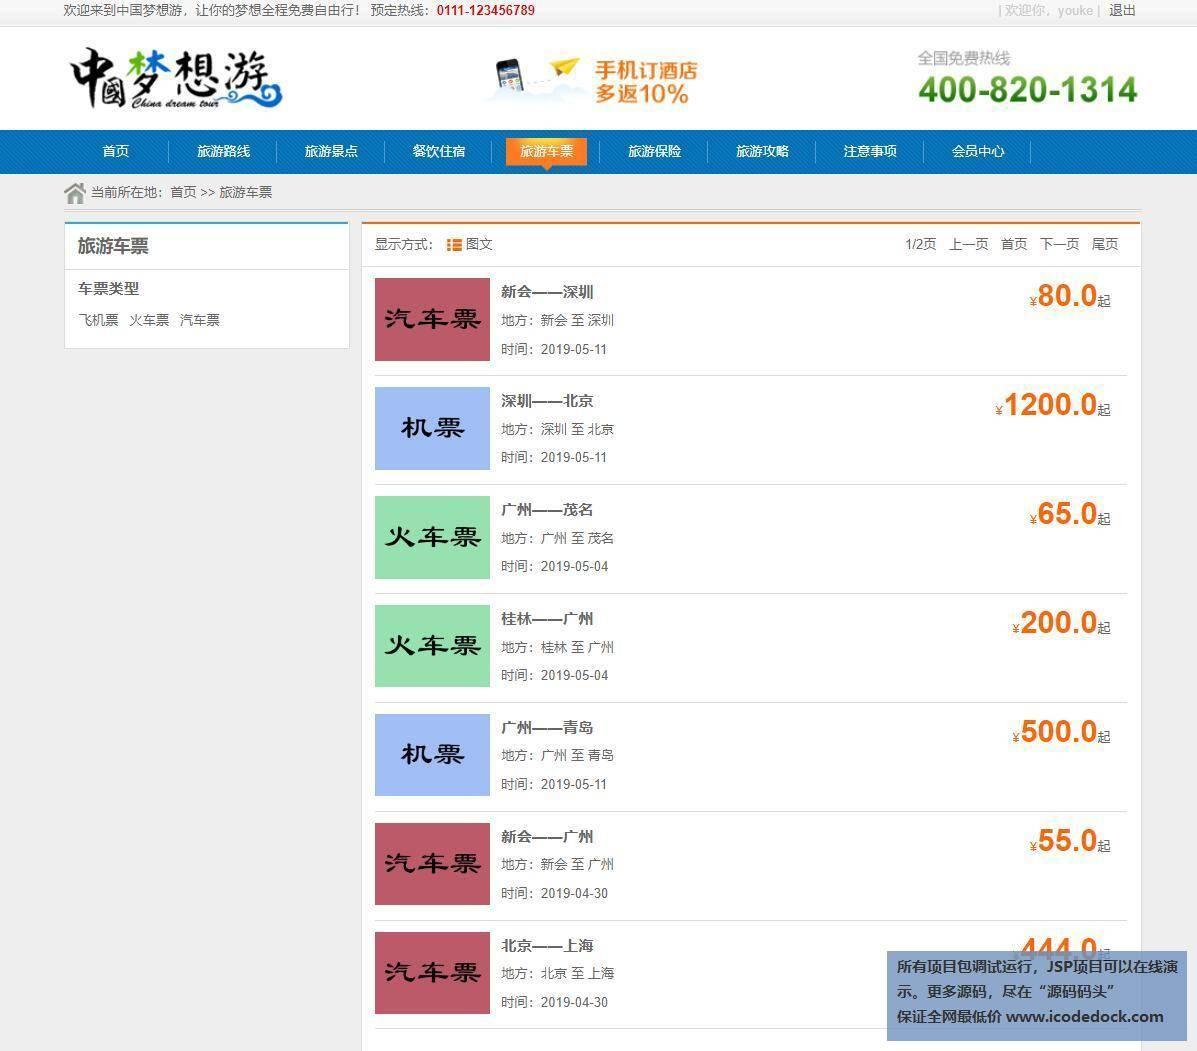 源码码头-Springboot旅游网站管理系统-用户角色-车票预定